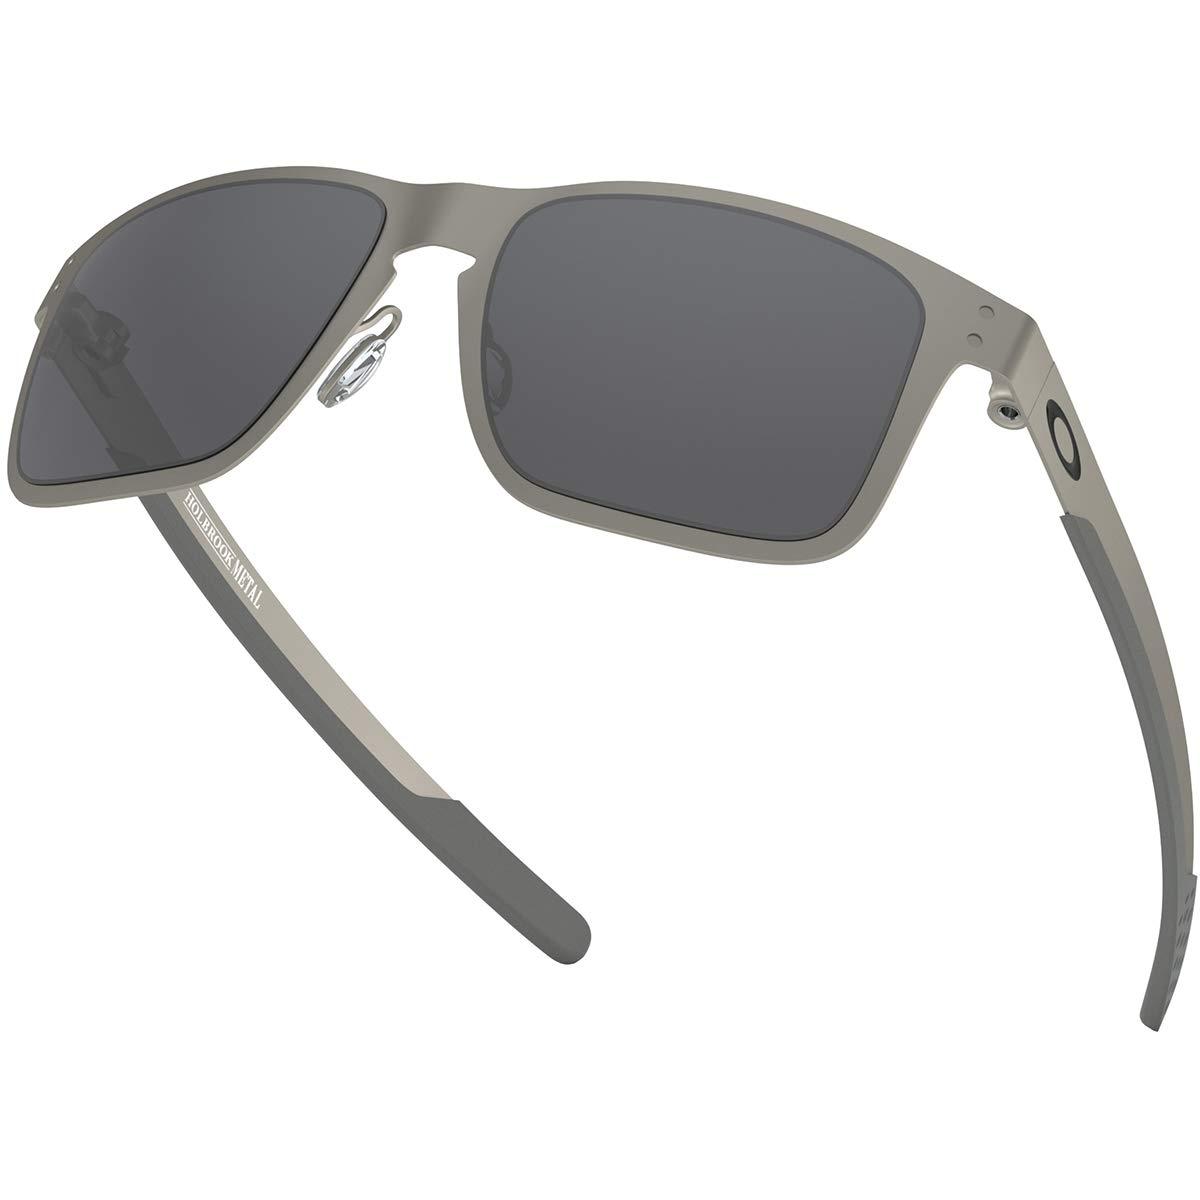 b9509f3260 Oakley Holbrook Metal Gafas de sol, Plateado, 55 para Hombre: Amazon.es:  Ropa y accesorios